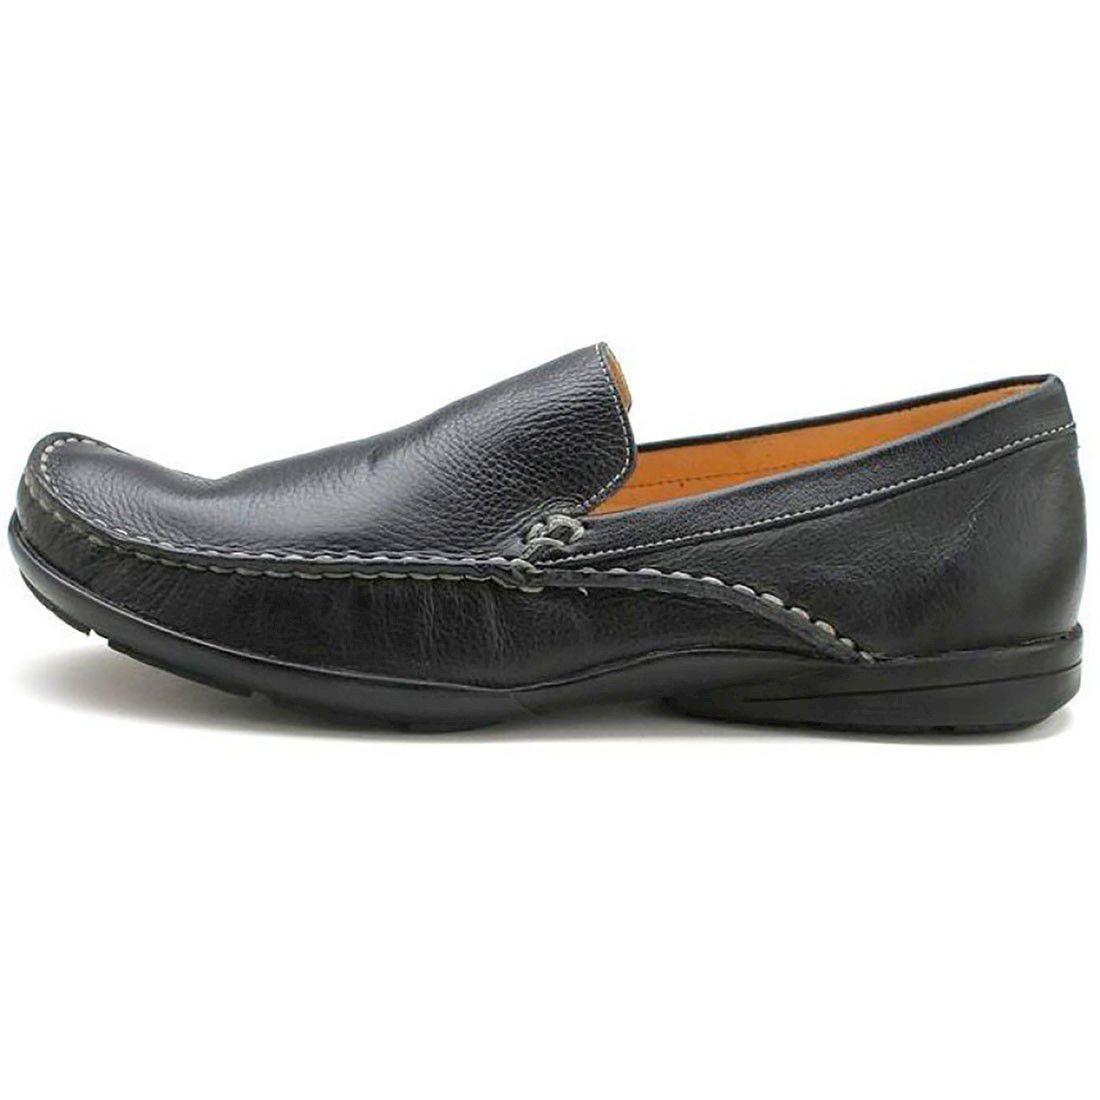 2182c6208 Sapato casual para pés largos masculino mocassim sandro moscoloni kyler  preto (dillon) black R$ 259,90 à vista. Adicionar à sacola